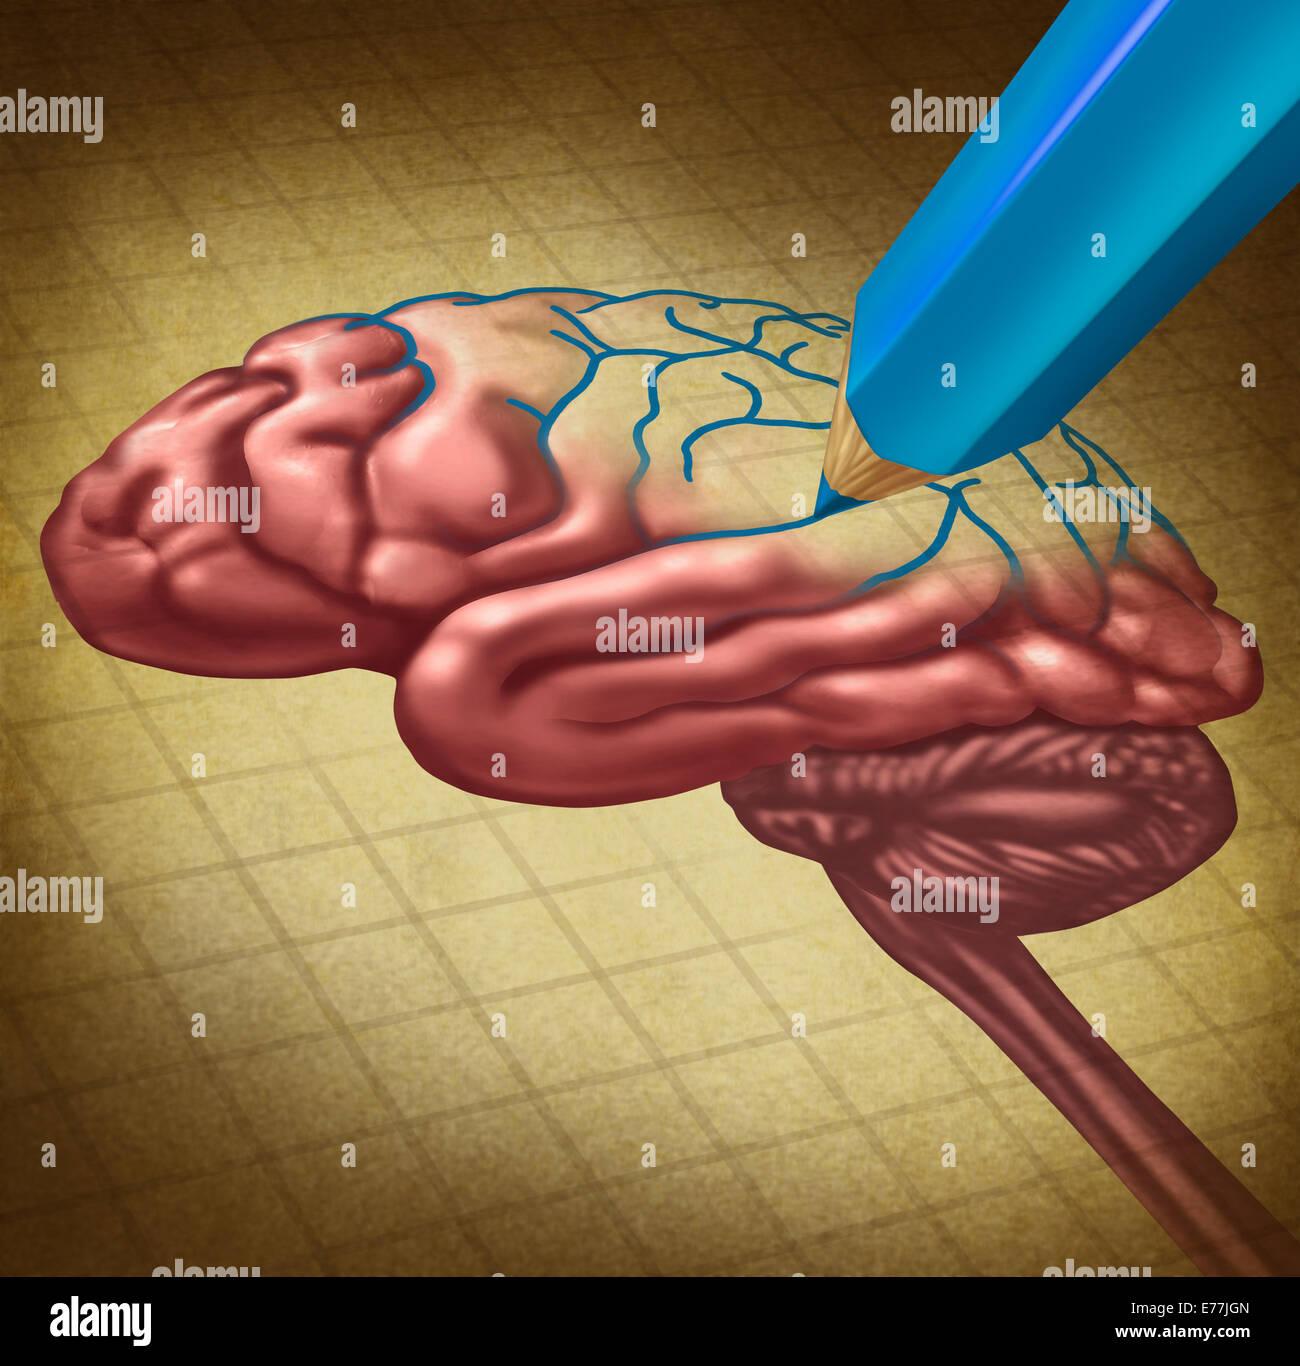 Reparar el cerebro y restablecer la memoria perdida concepto médico como un pensamiento humano órgano con una porción Foto de stock